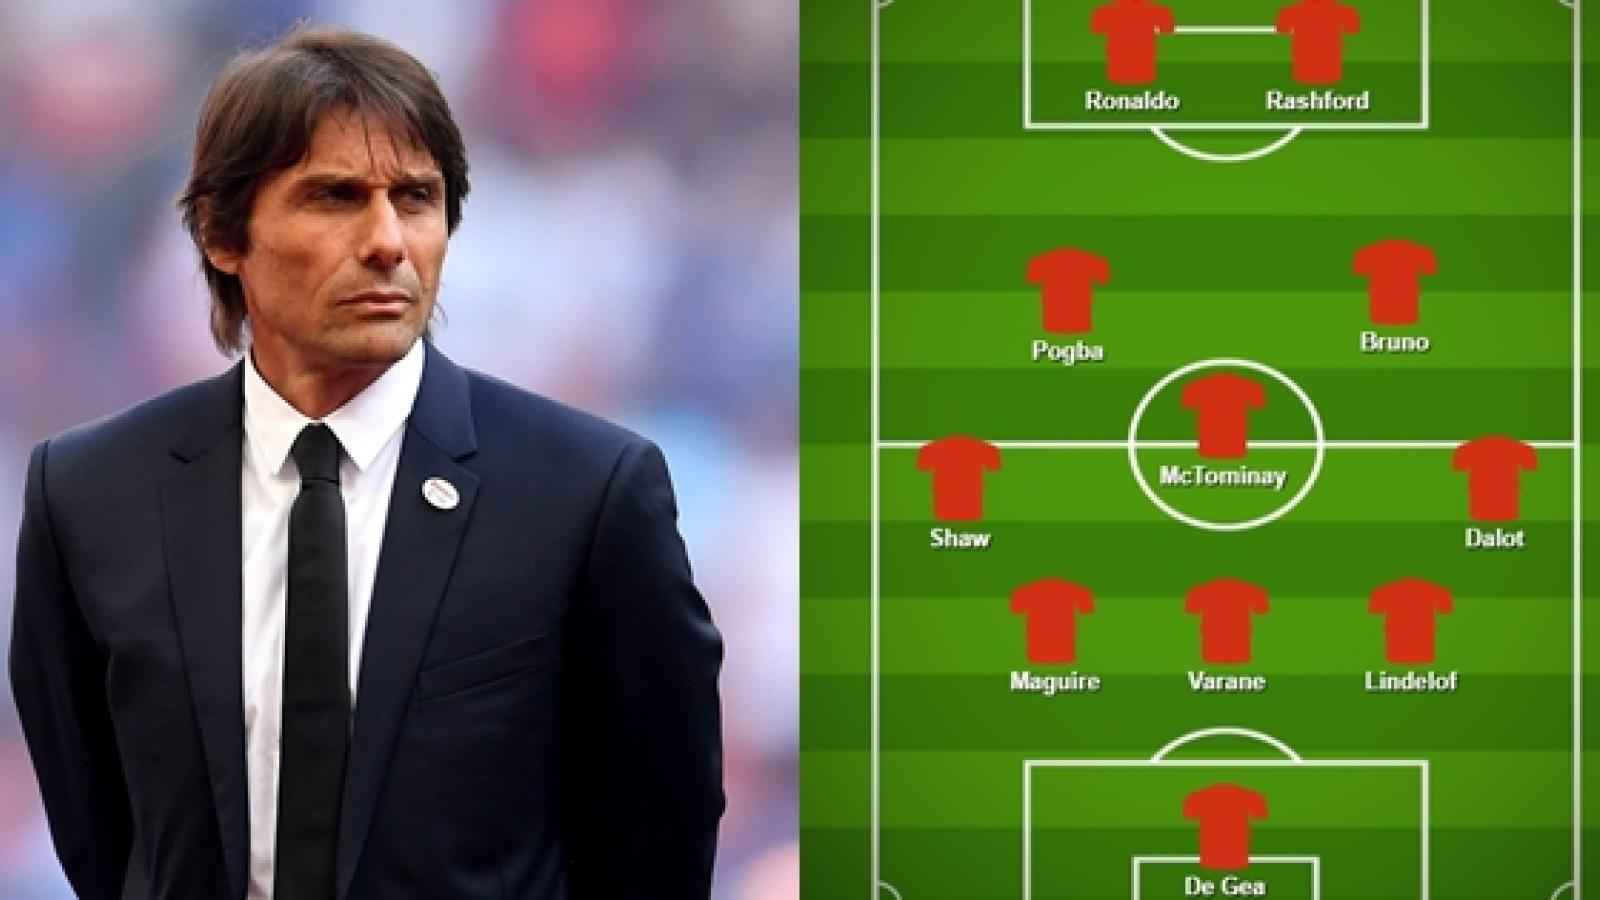 Dự đoán đội hình tối ưu của MU nếu Antonio Conte thay thế Solskjaer